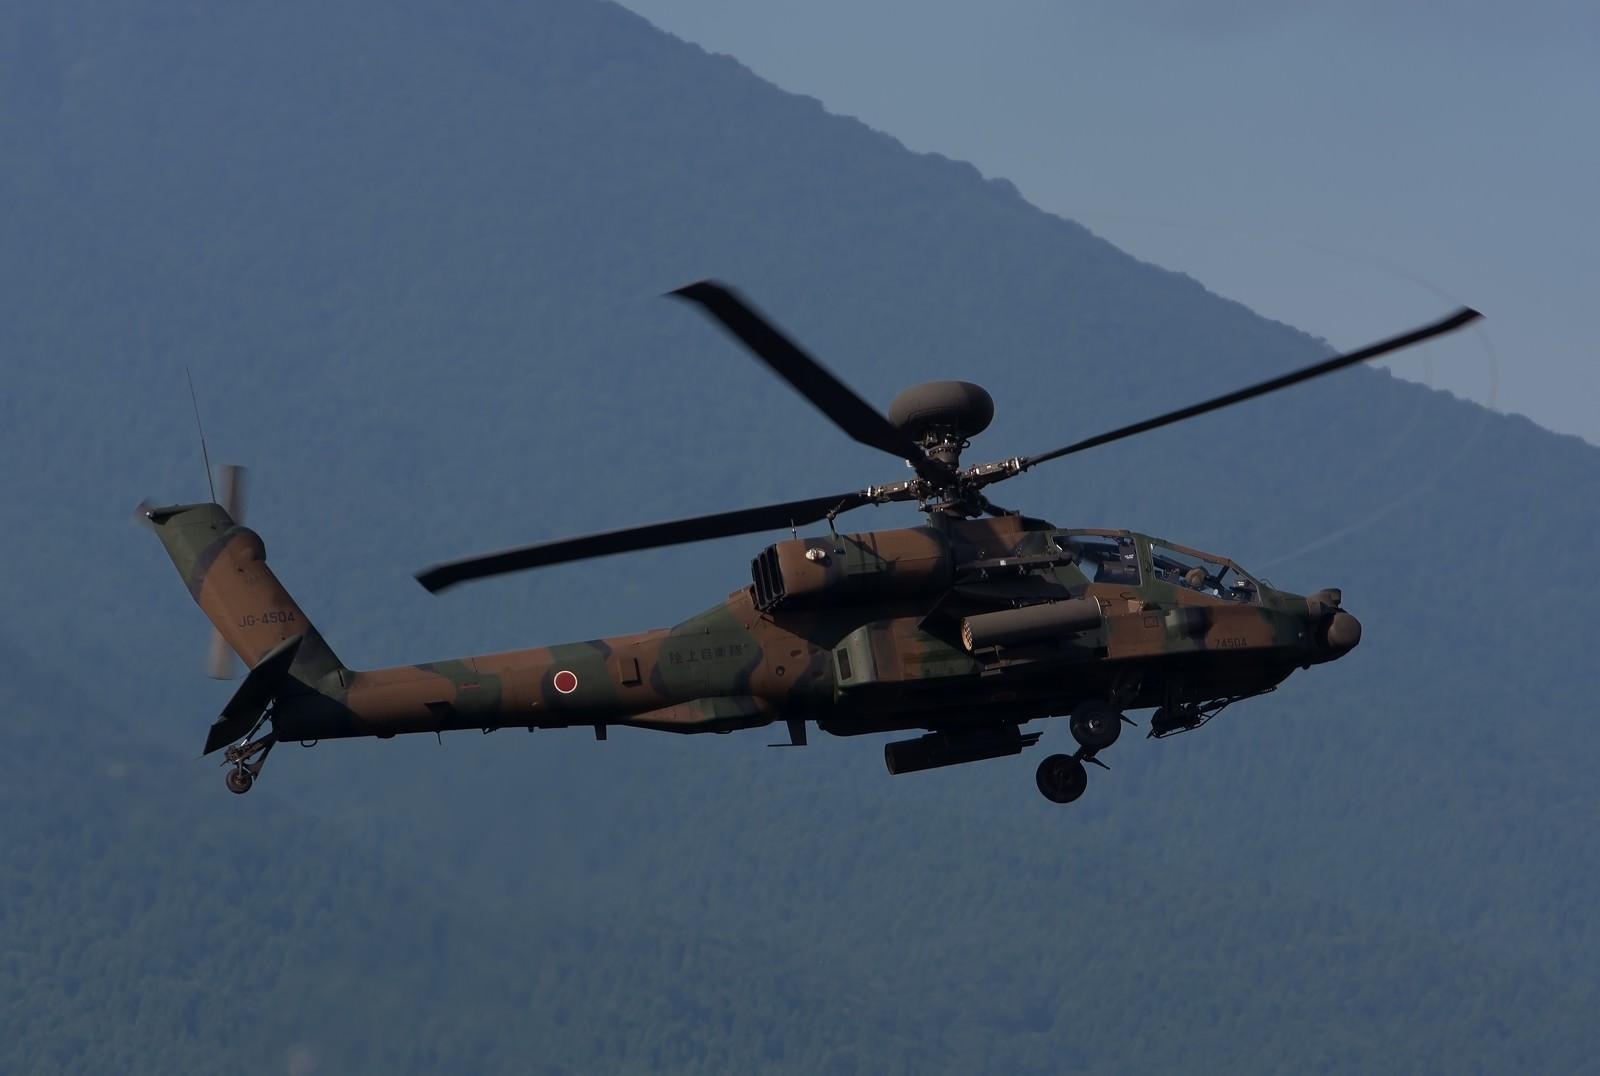 「ローターベイパーを出して現れたAH-64D(アパッチ)」の写真